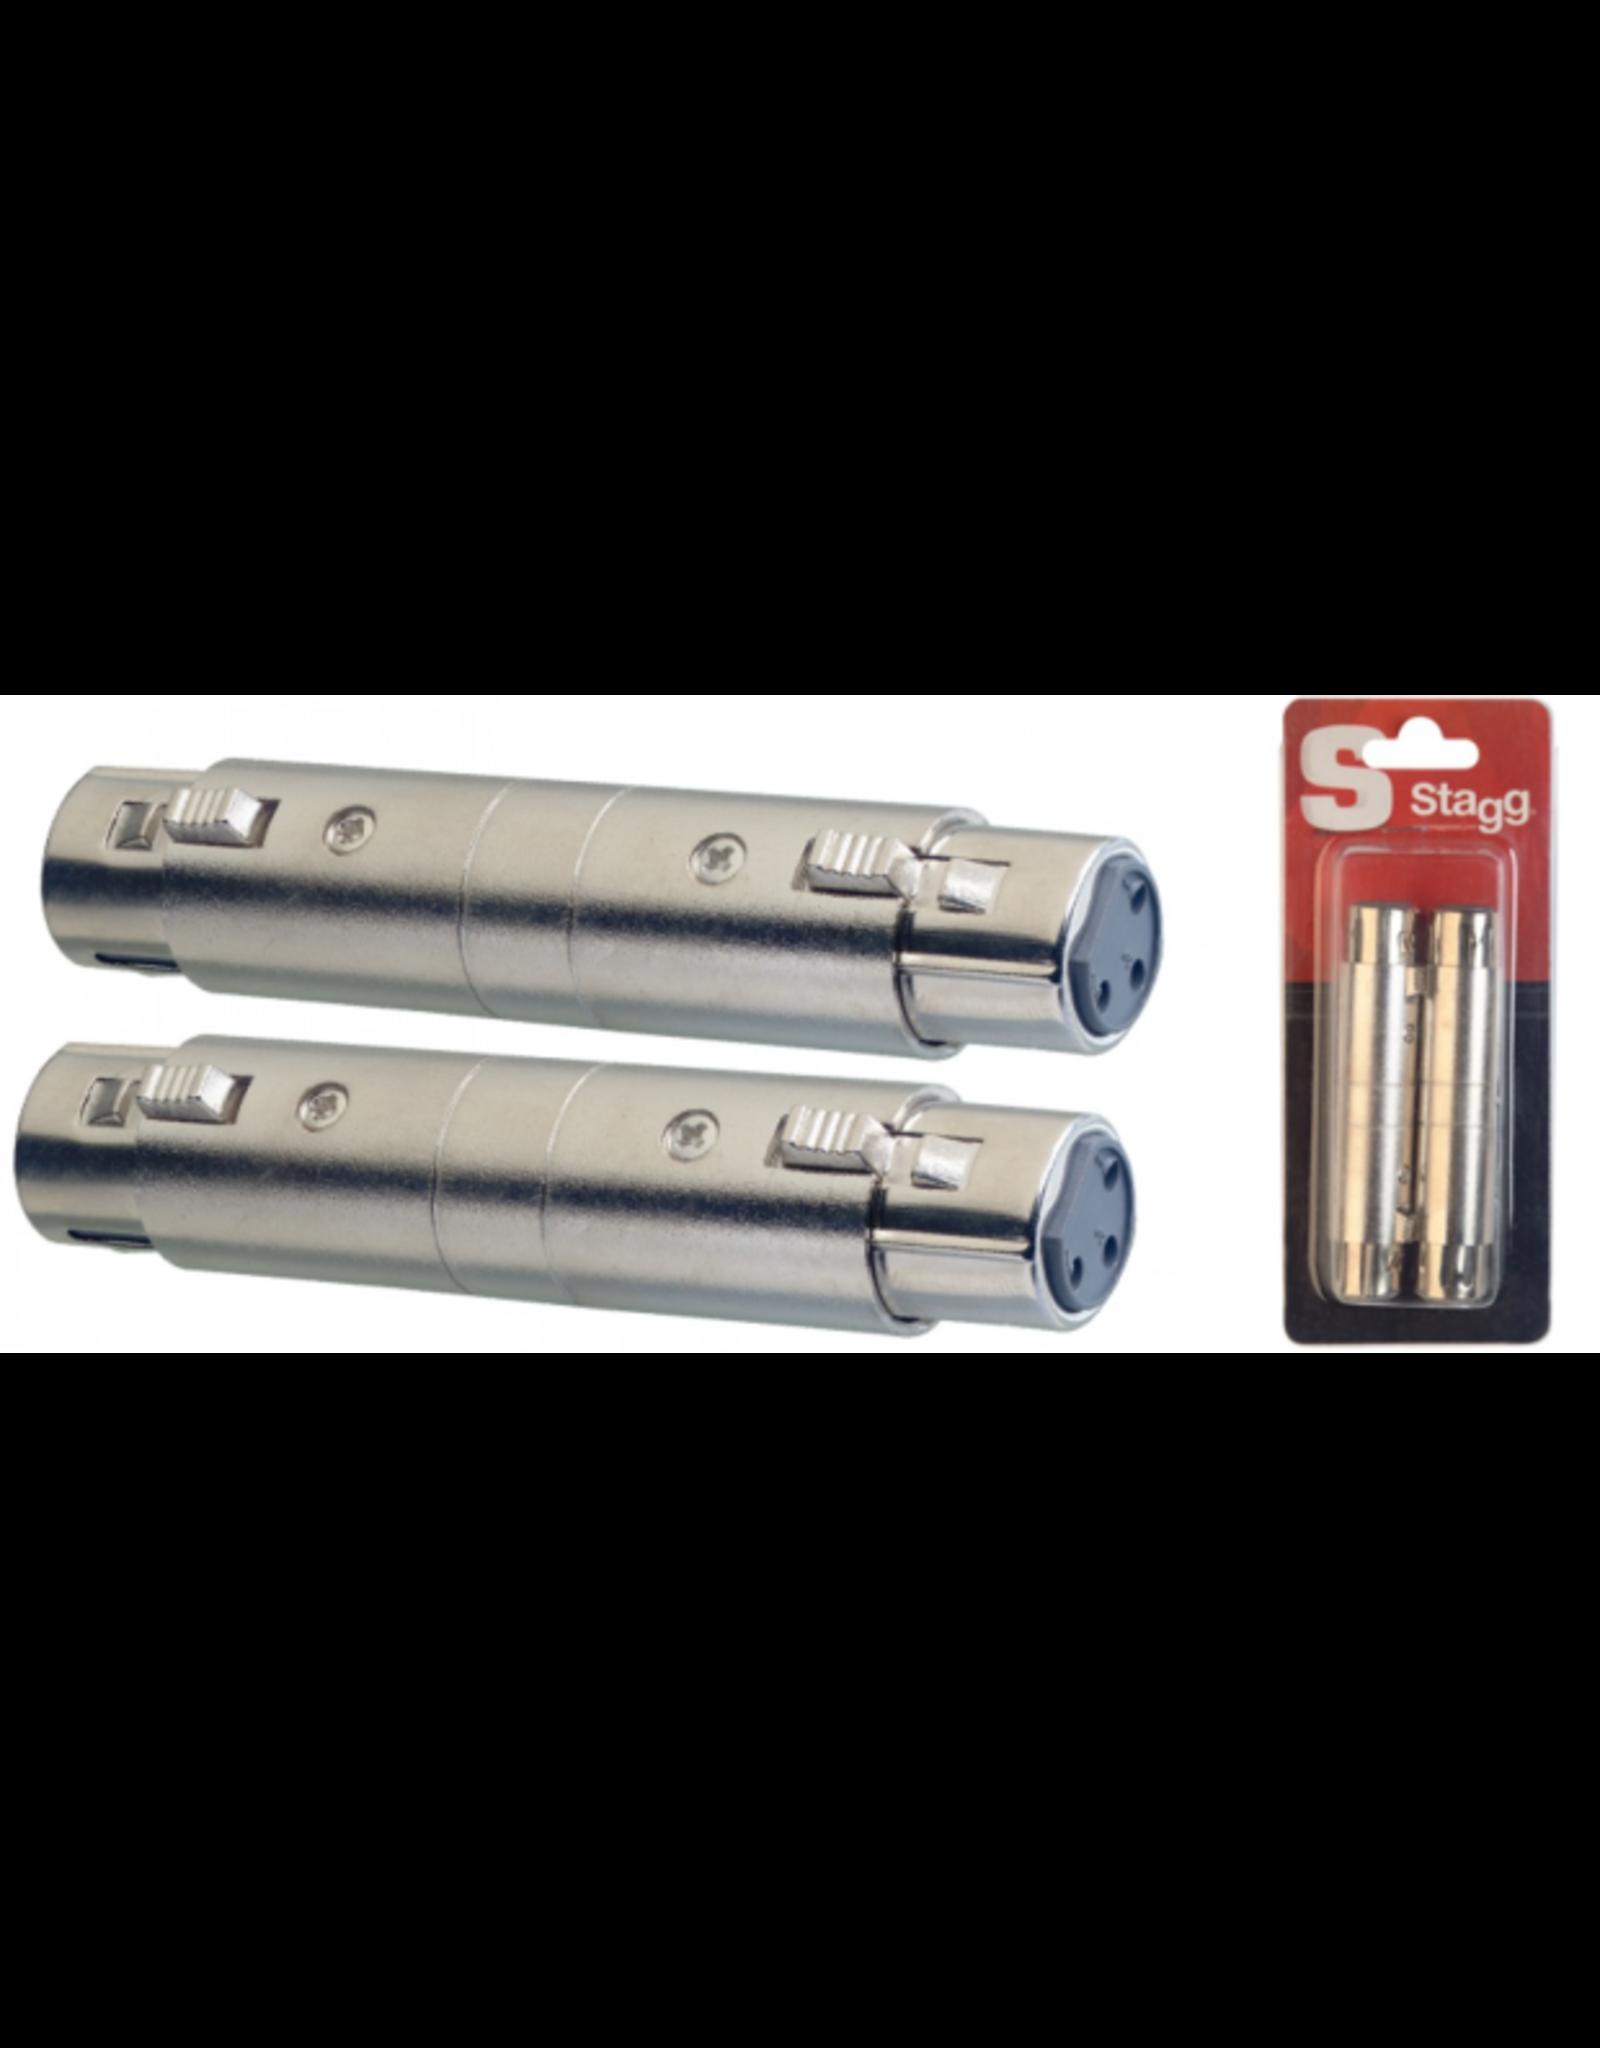 Stagg Stagg Female XLR/ Female XLR Adaptor - 2 Pack